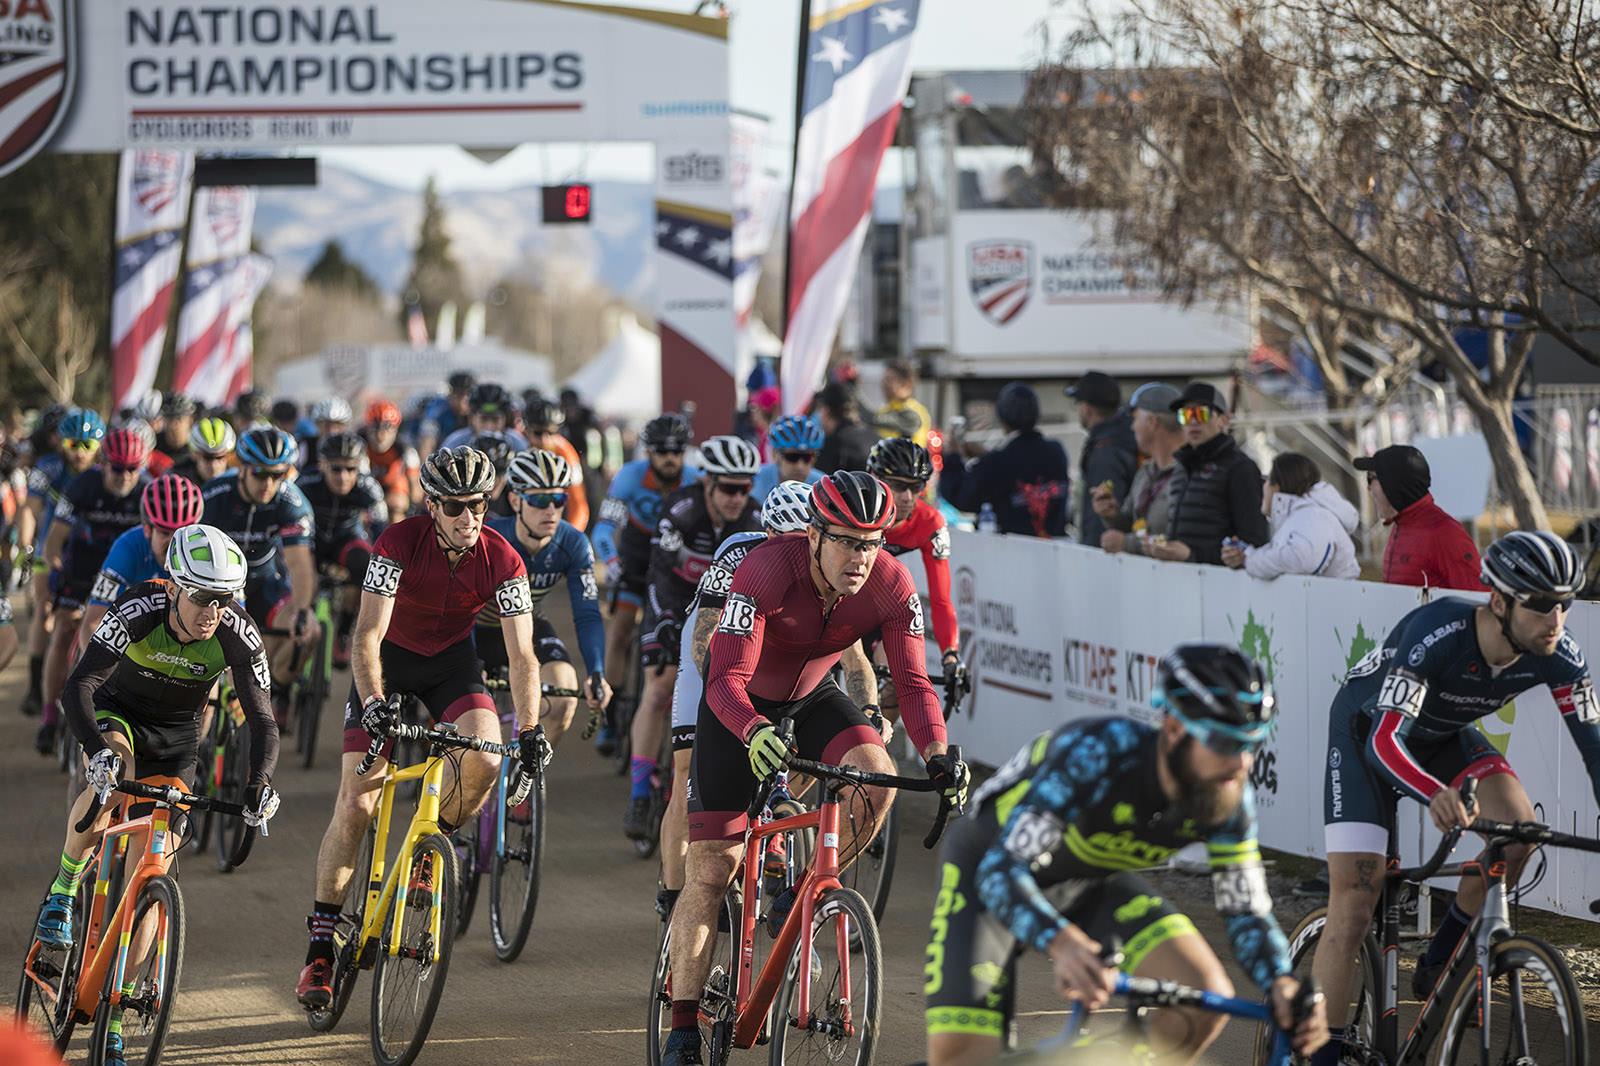 Justin Robinson and Scott Chapin - Santa Cruz Bicycles - Cyclocross National Championships